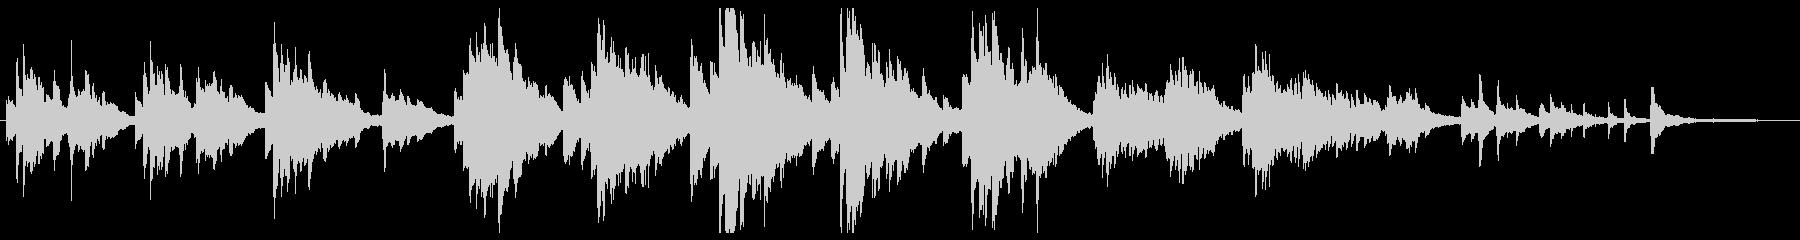 切ない静かピアノソロの未再生の波形